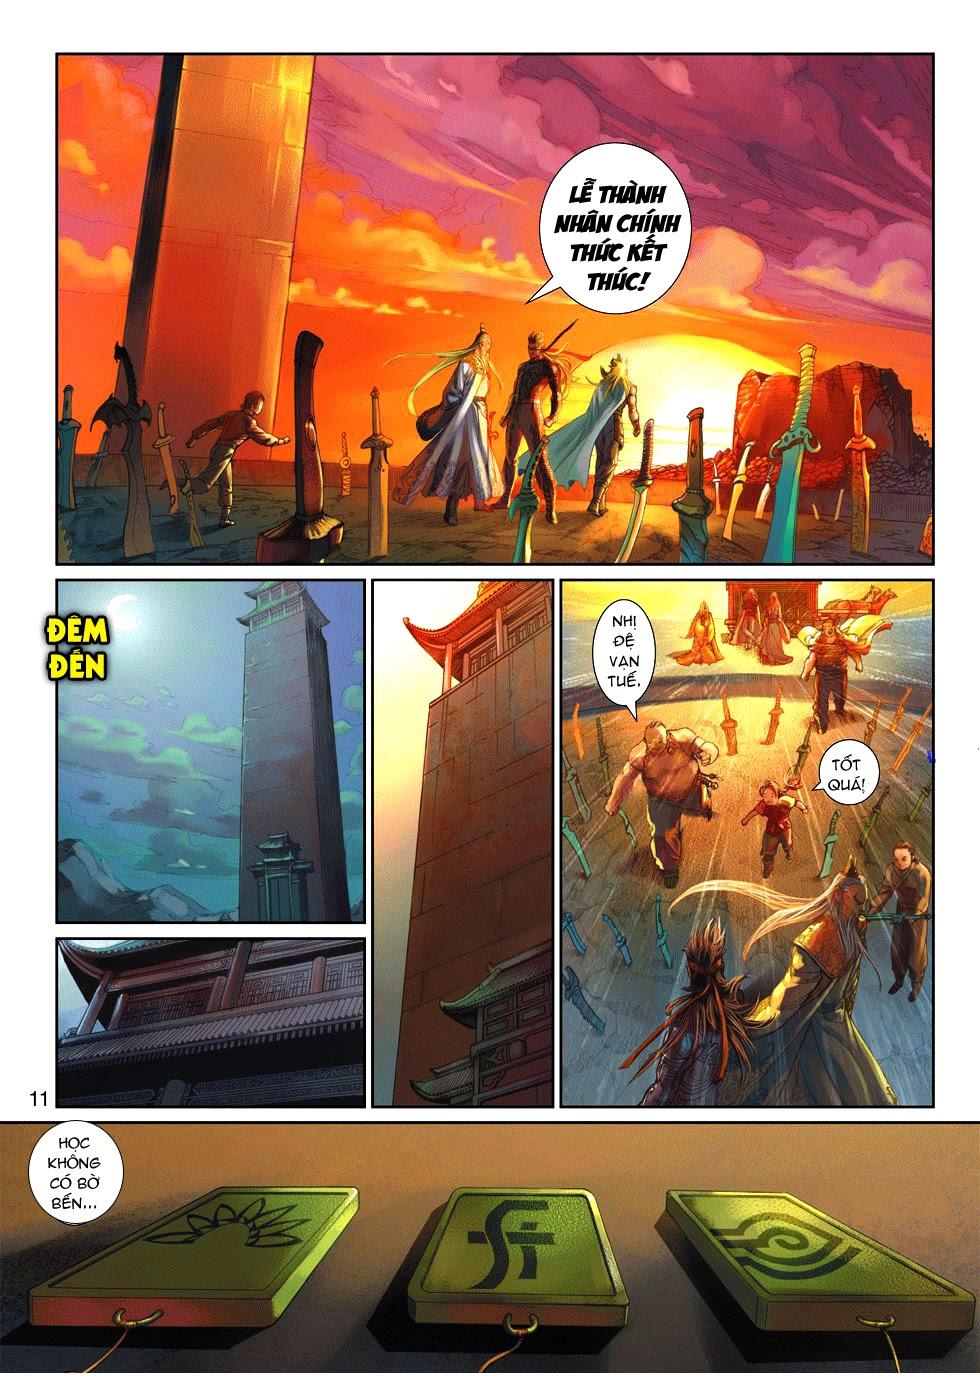 Thần Binh Tiền Truyện 4 - Huyền Thiên Tà Đế chap 9 - Trang 11